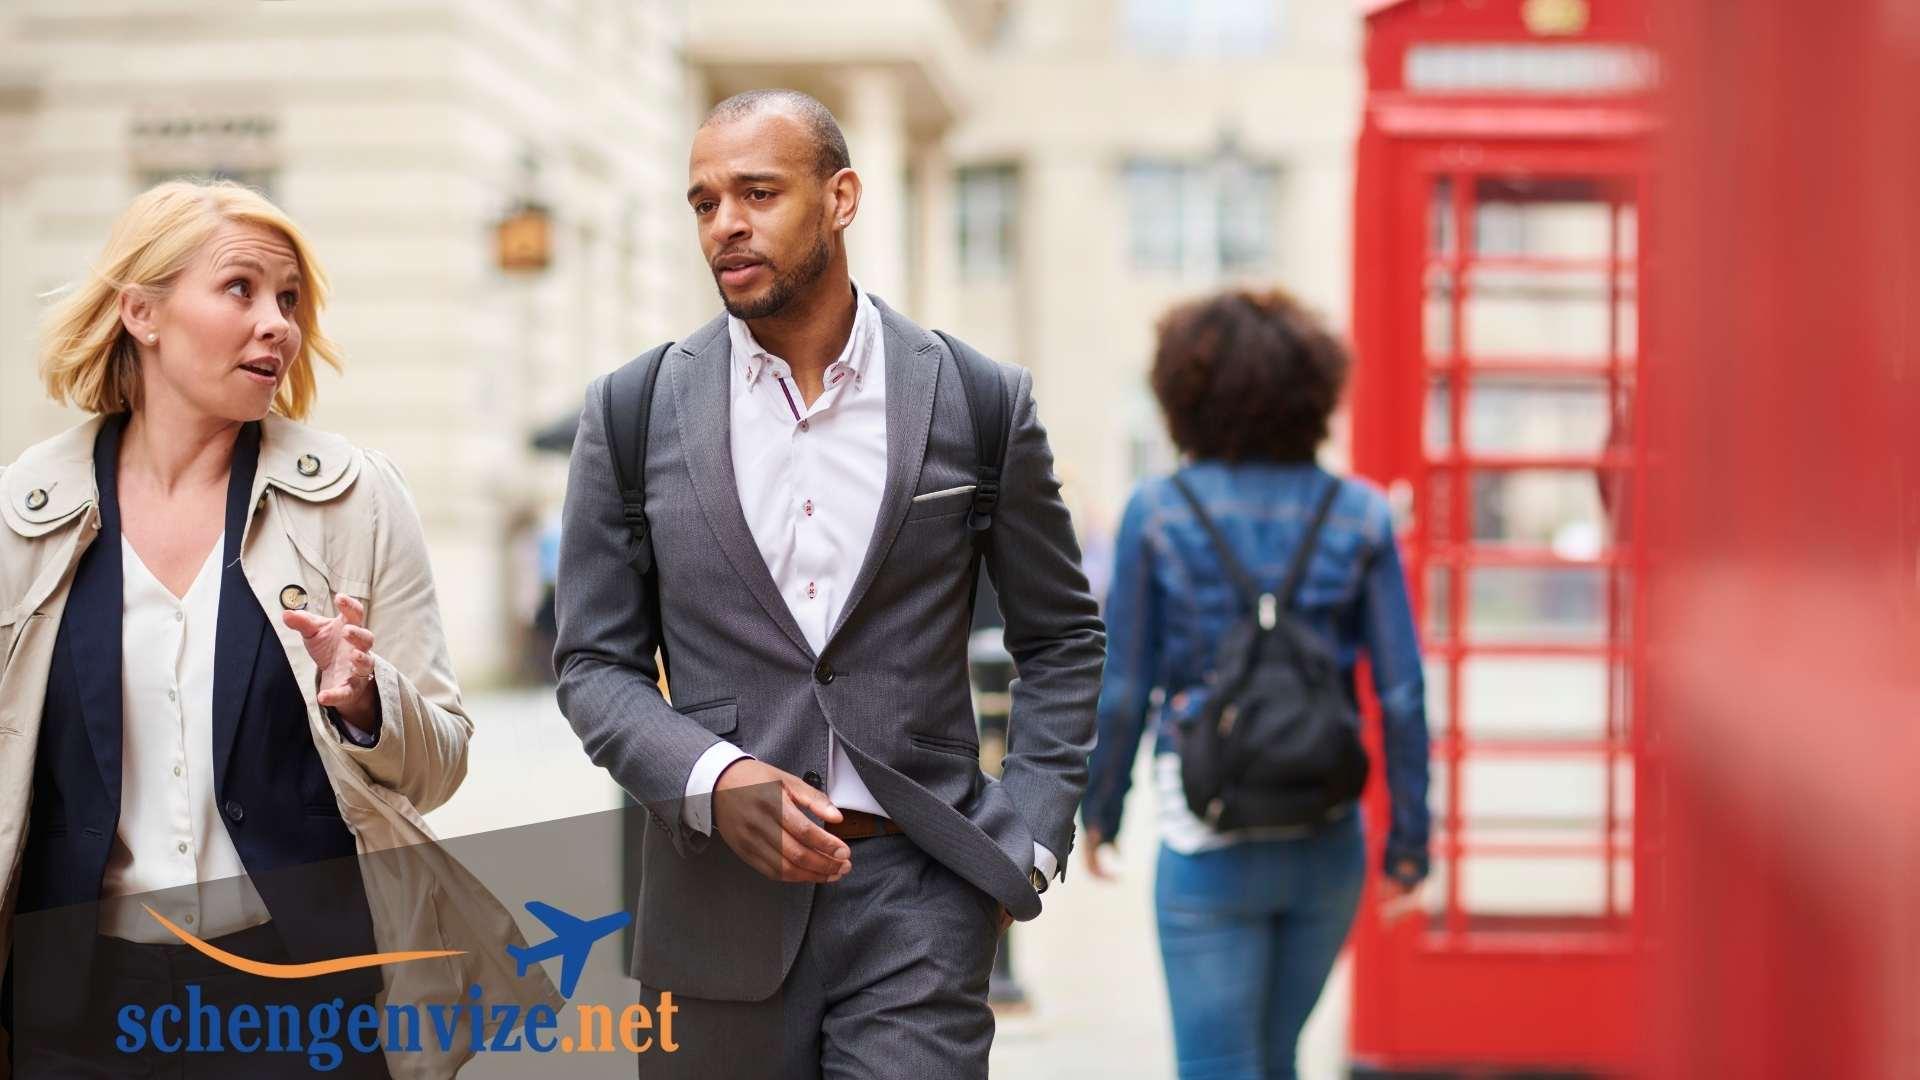 İngiltere Ticari Vize Başvurusunda İstenilen Evraklar Nelerdir?